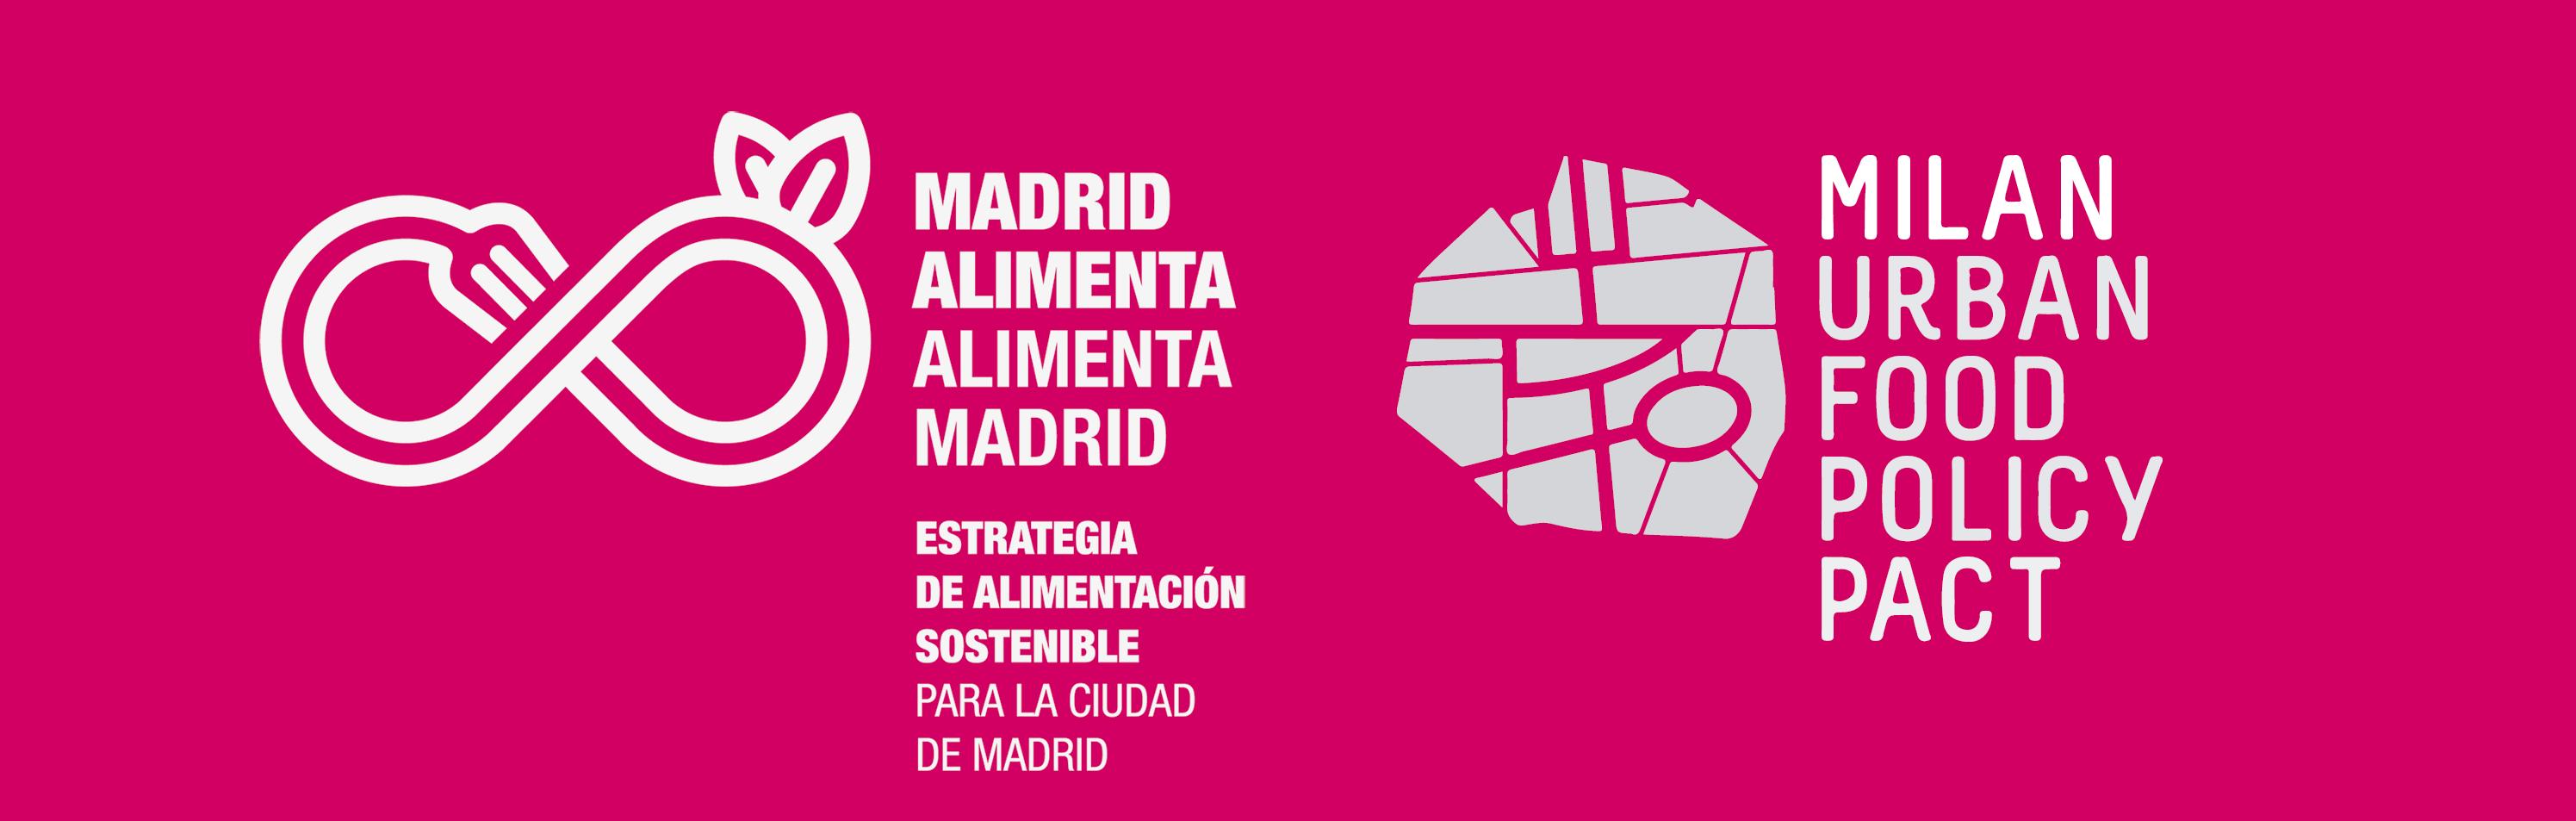 Madrid Alimenta